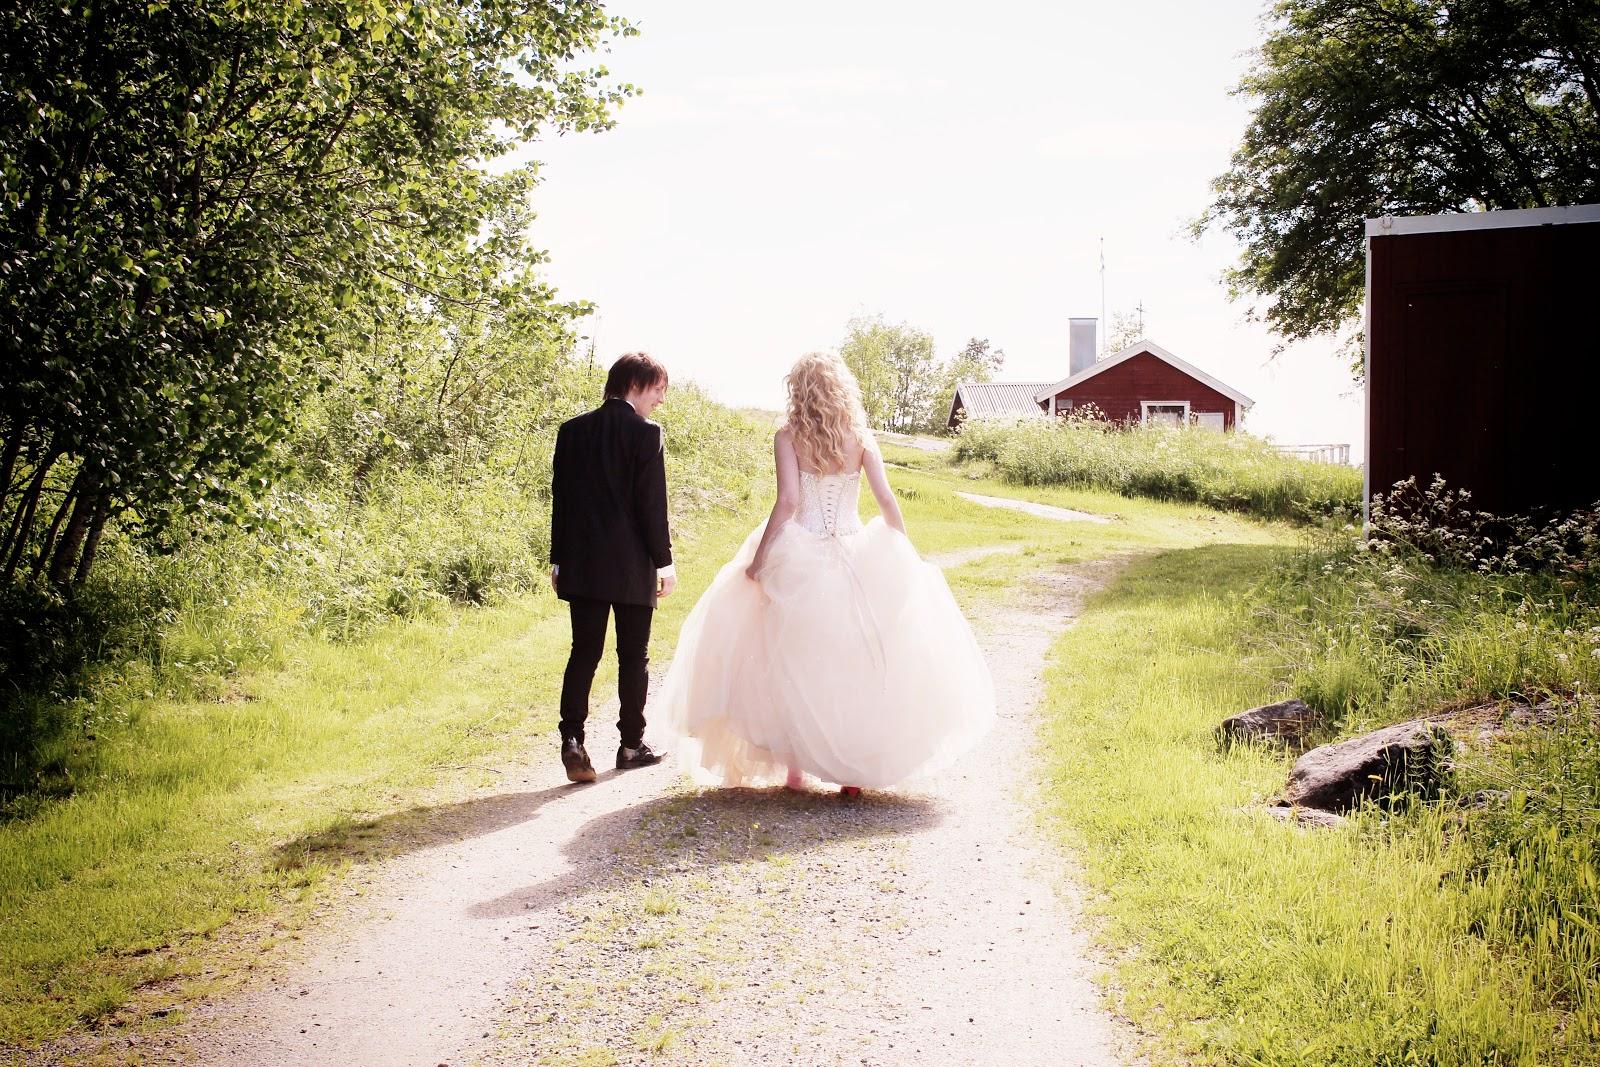 Bröllopsfotograf Härnösand, fotograf Höga kusten, Maria-Thérèse Sommar